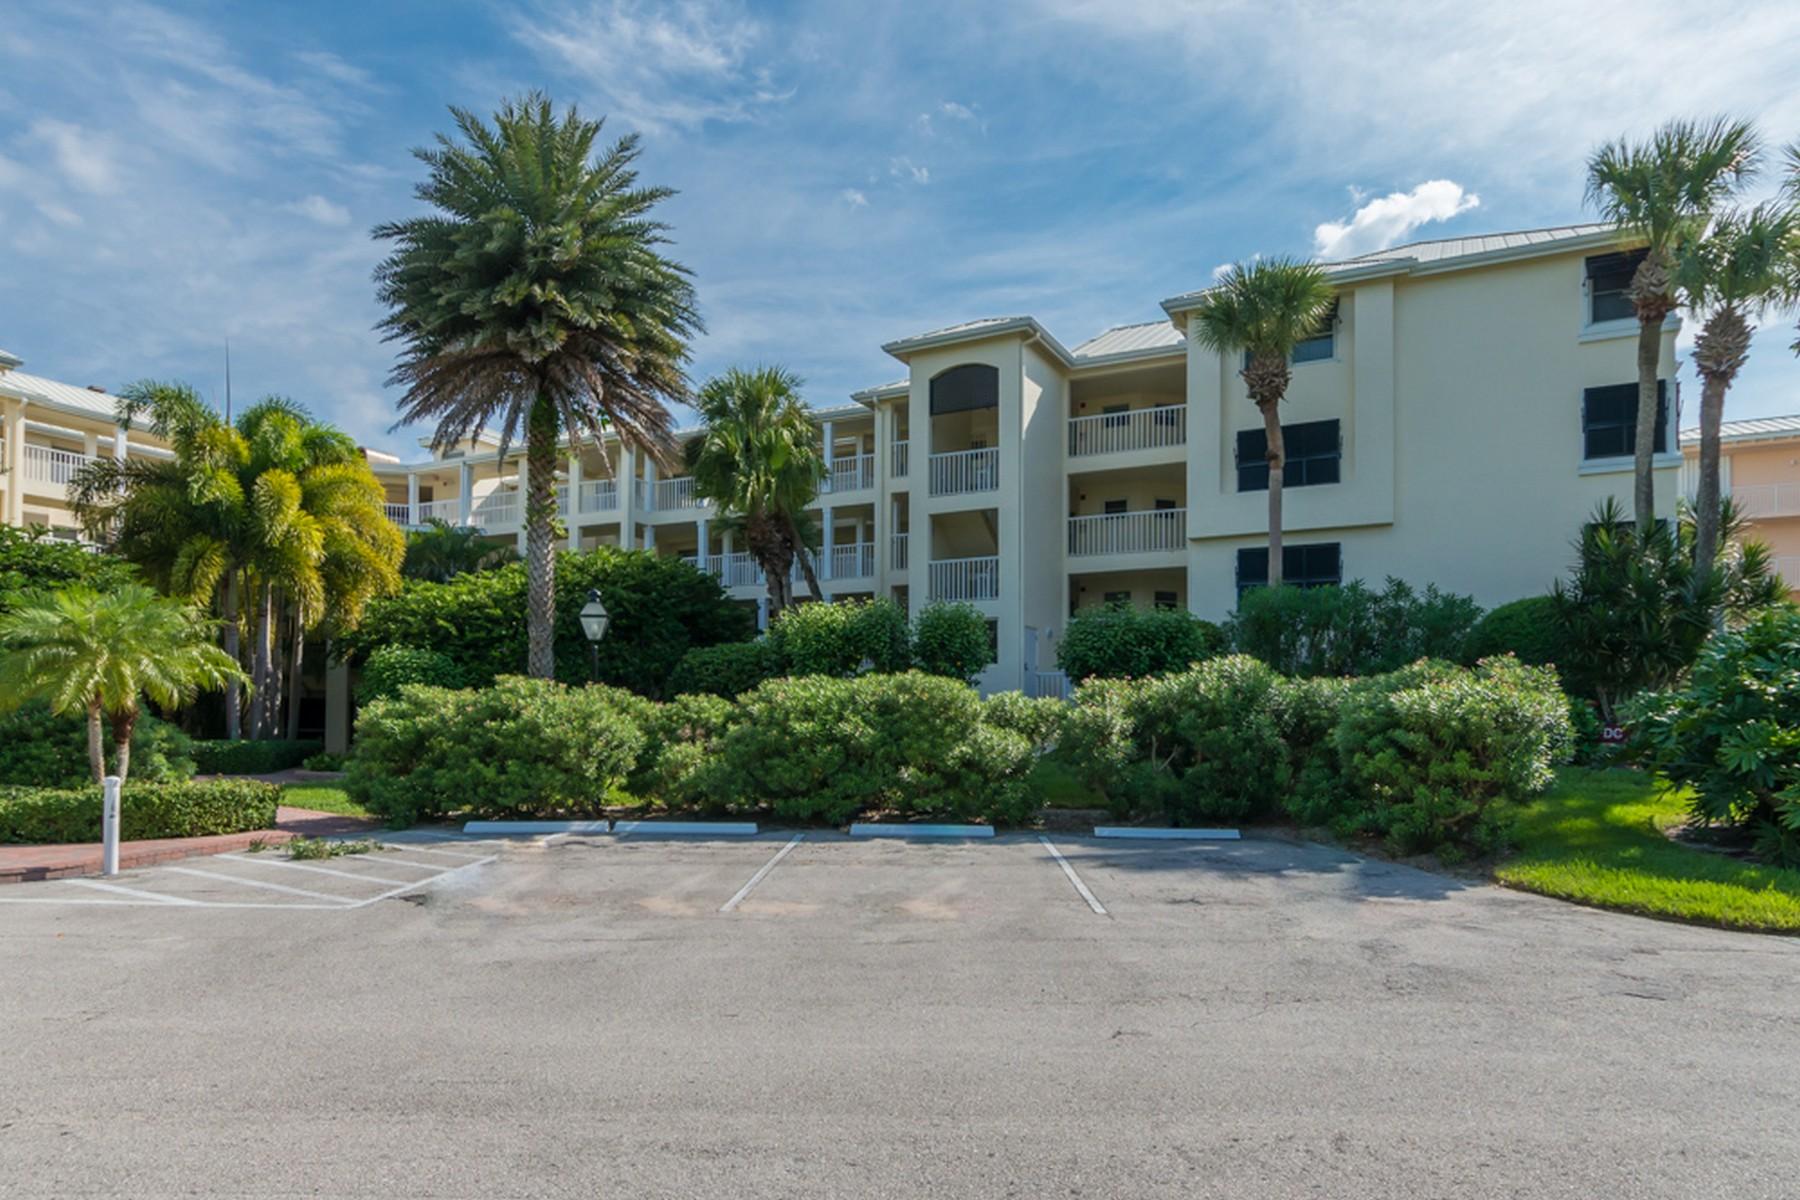 콘도미니엄 용 매매 에 Stunning Sea Oaks Condo 8880 N Sea Oaks Way#306 Vero Beach, 플로리다 32963 미국